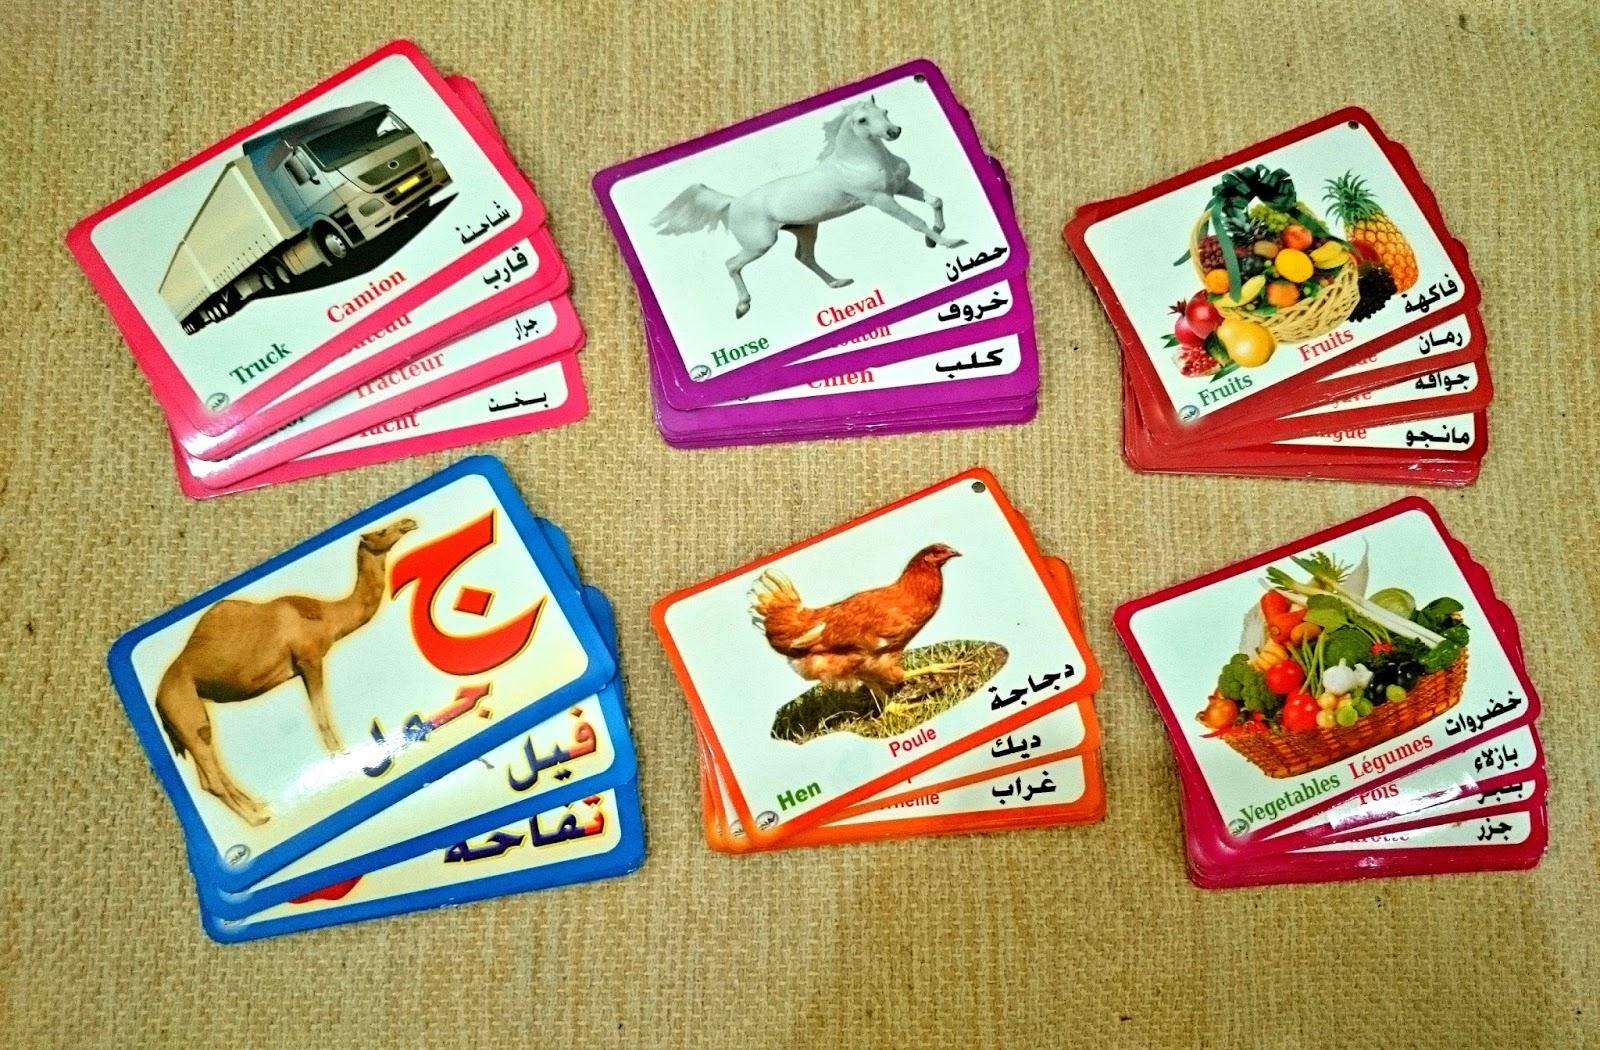 صور لعبات حلوات , افضل العاب الاطفال